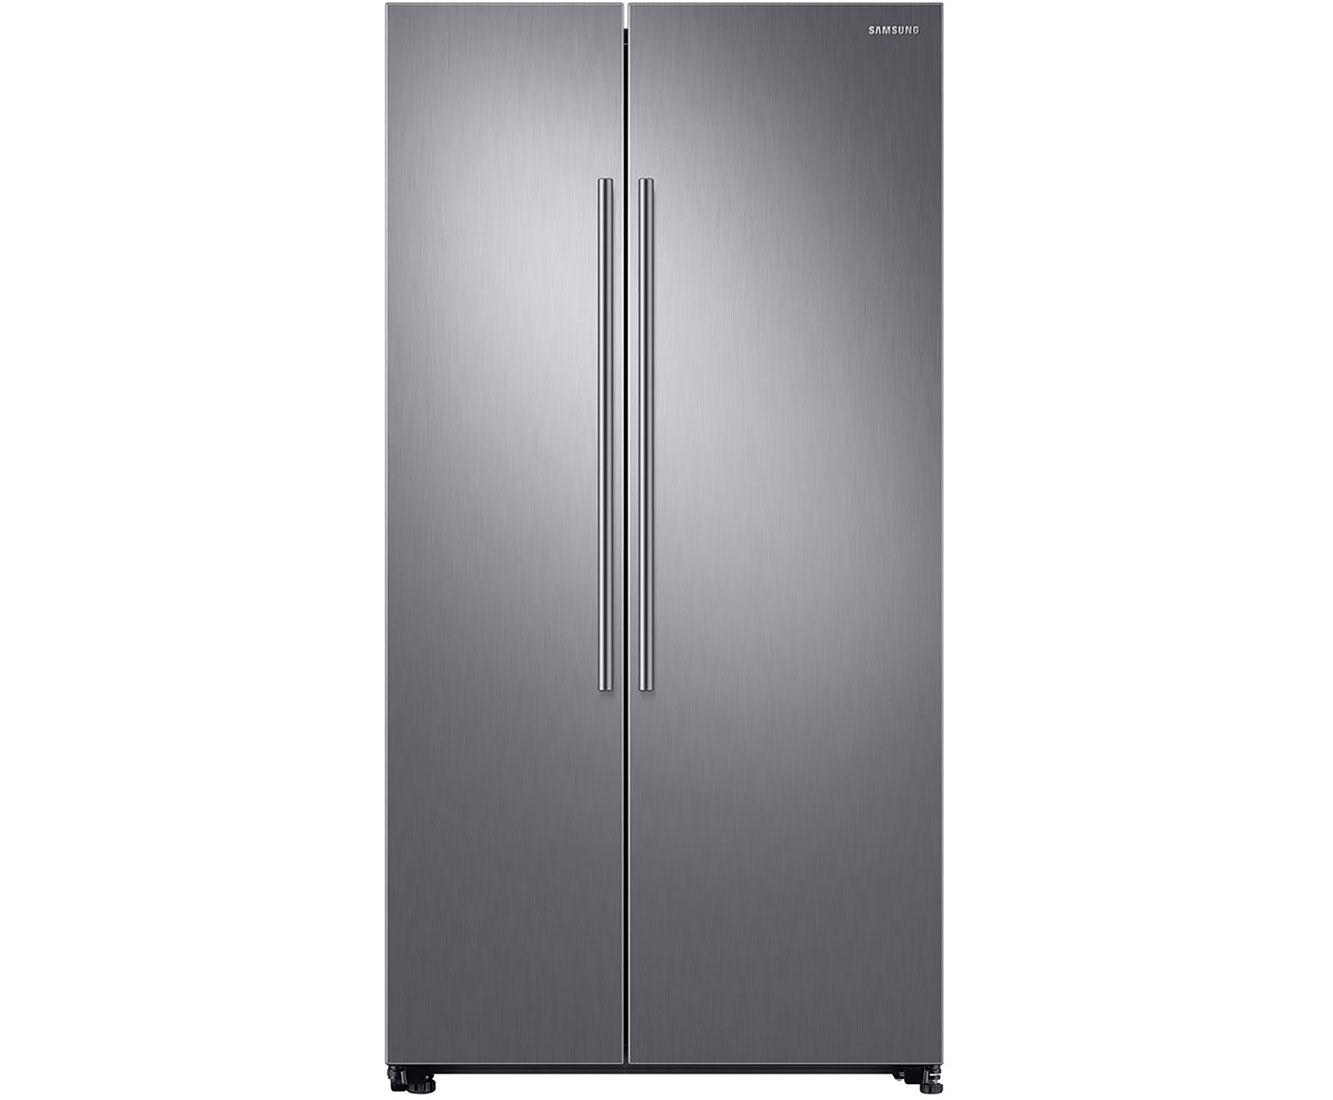 Side By Side Kühlschrank Reinigen : Kühlschrank wasserspender reinigen: side by side kühlschrank